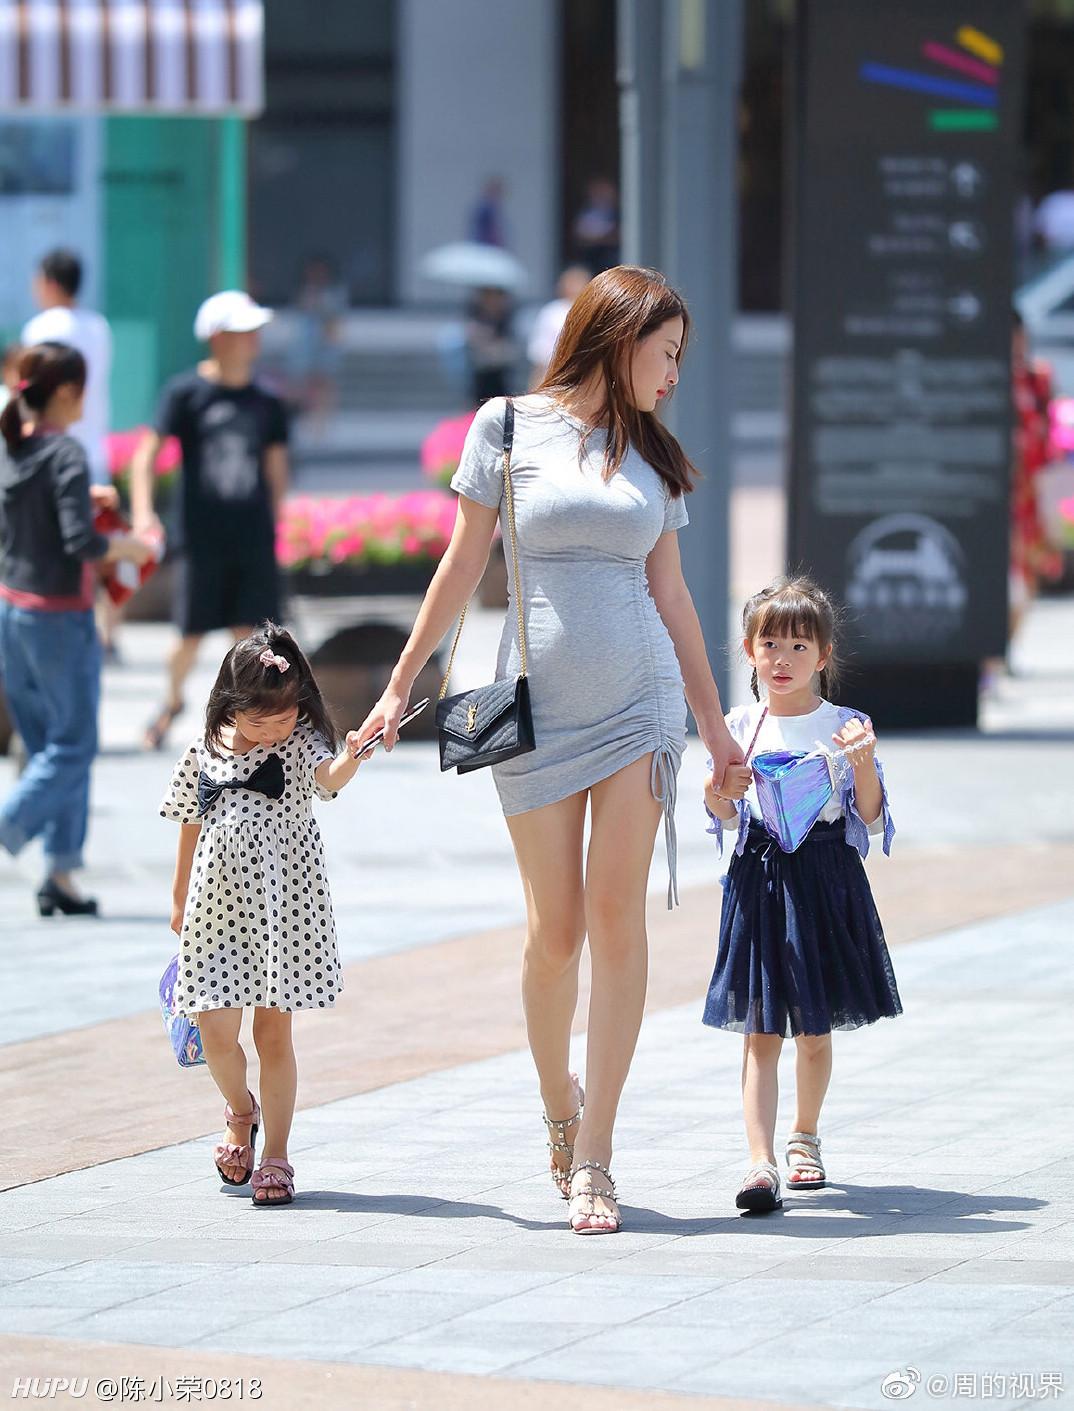 【画像】クッソエロい「ママ」、街を歩くw